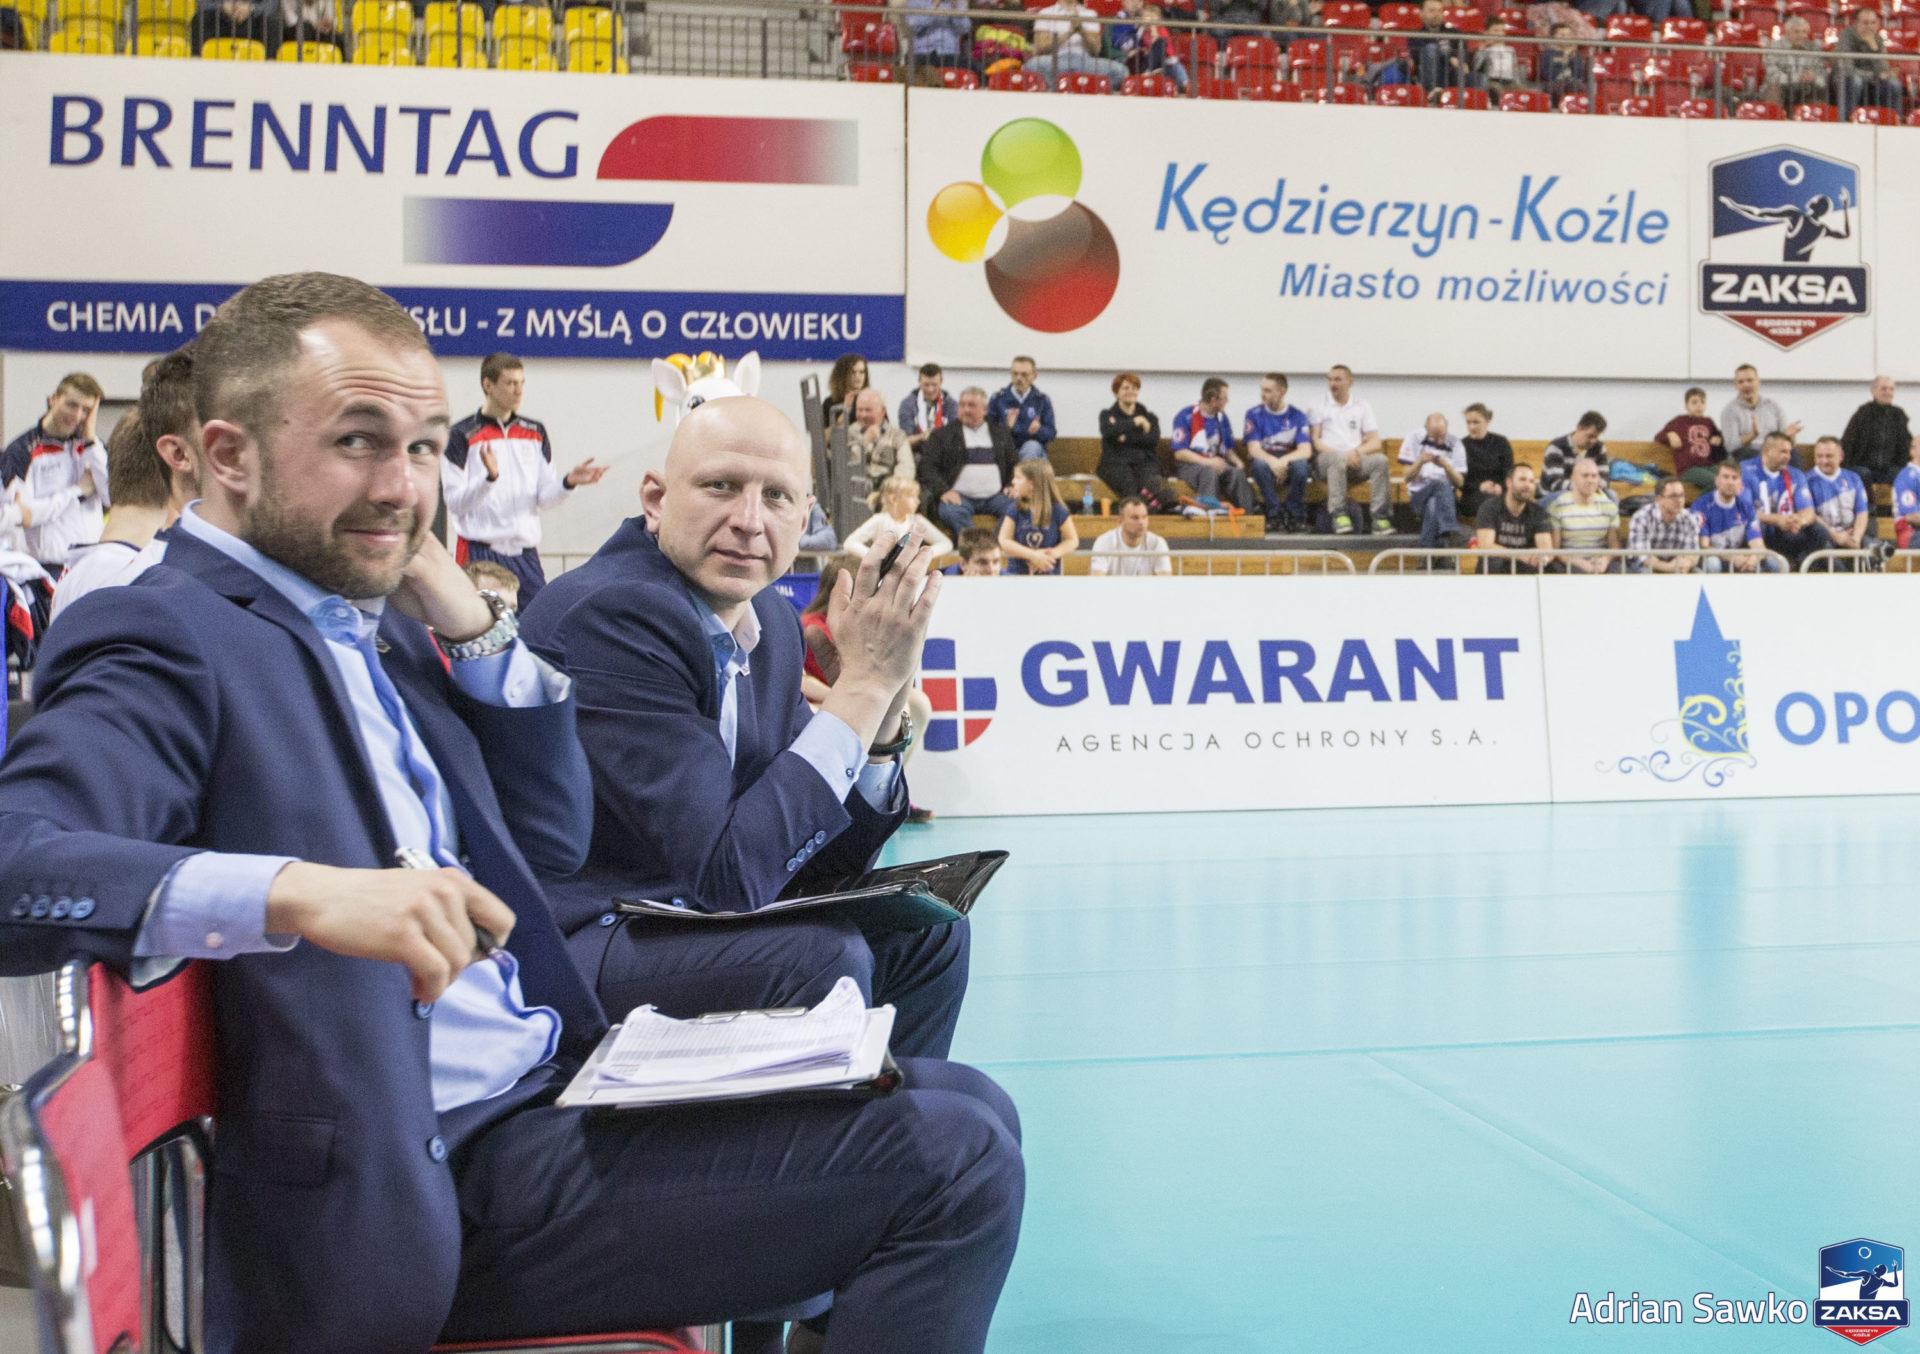 Oskar Kaczmarczyk: Daleko jestem od tego by już dzisiaj żegnać się z klubem